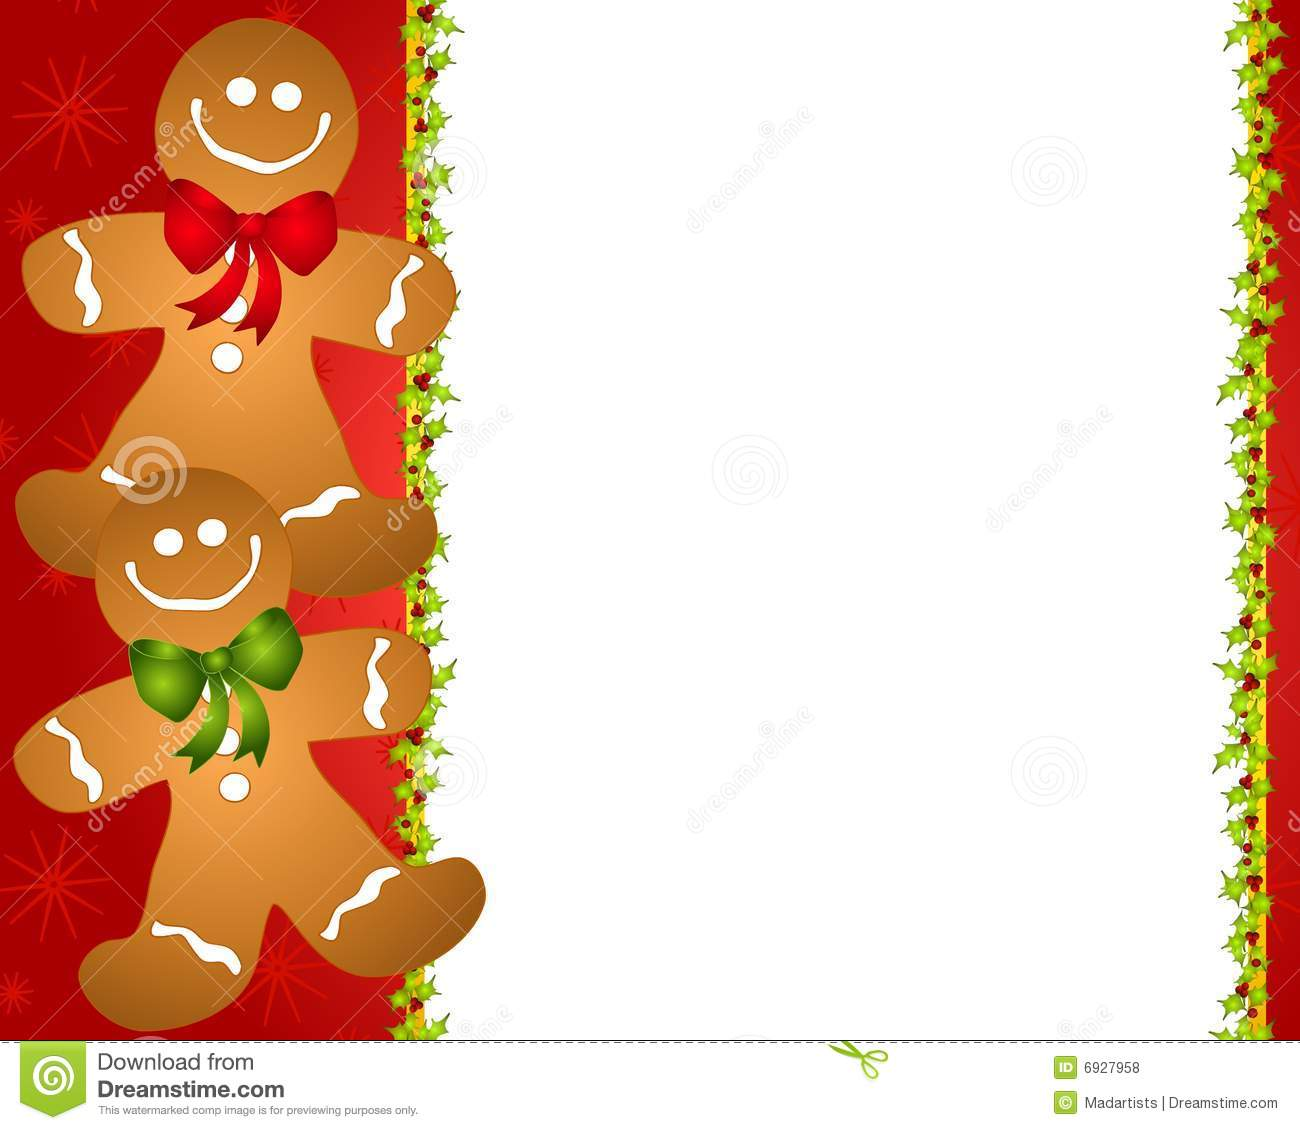 gingerbread-man-border-clipart-gingerbread-man-border-2-qWqw60-clipart ...